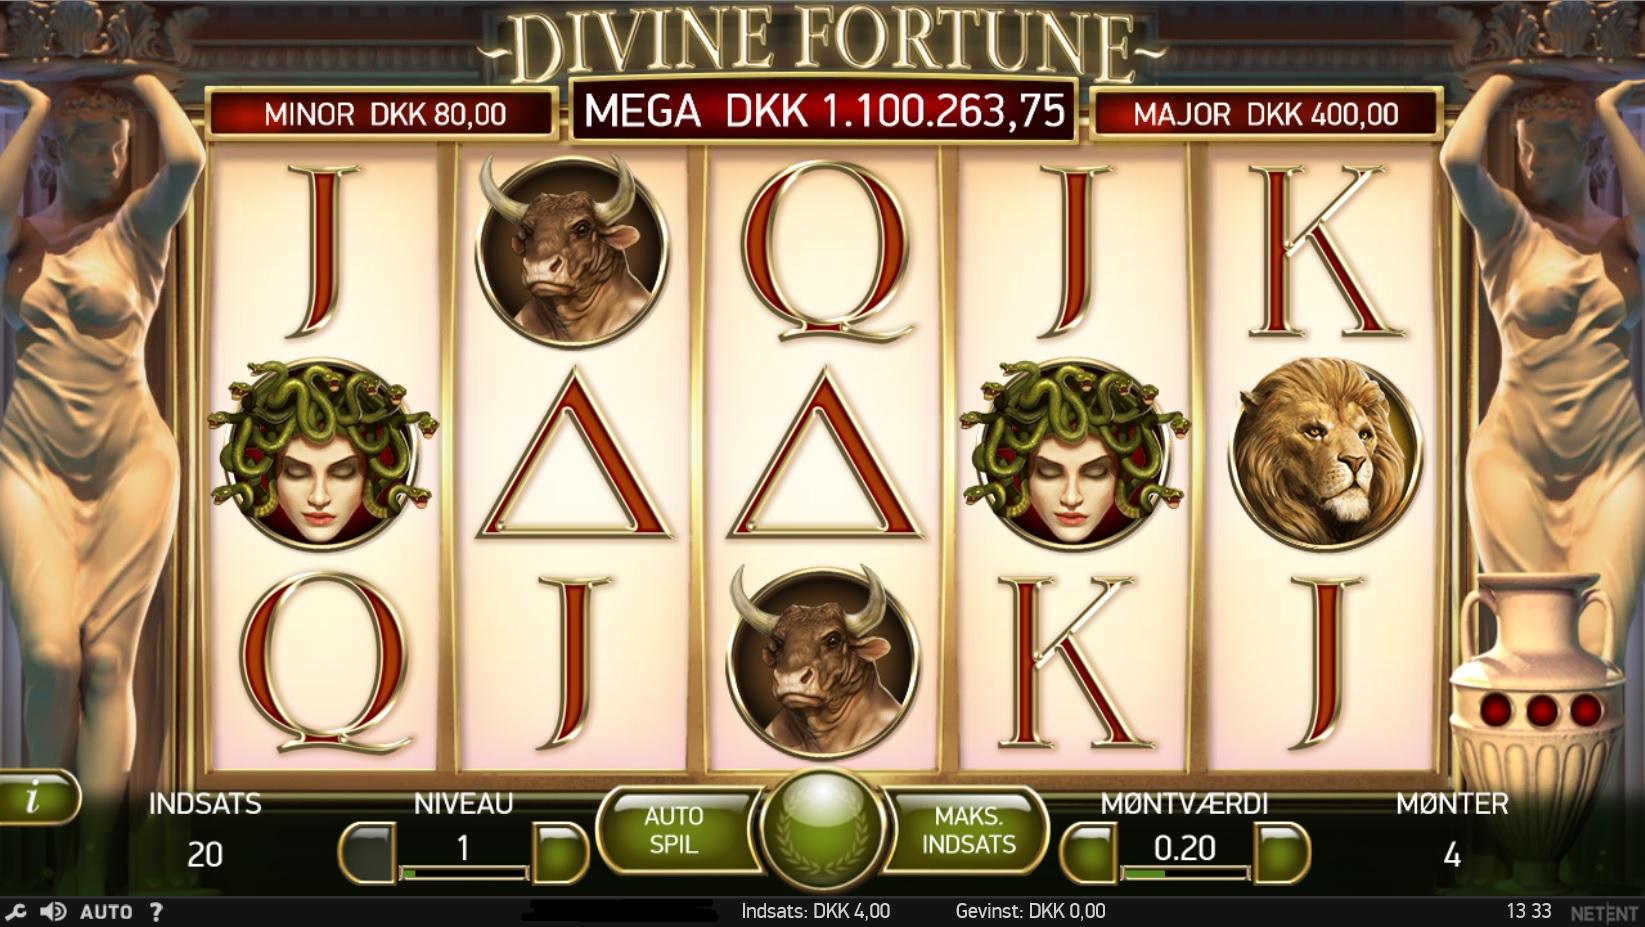 Lotteriskatt satsa en hundring euroMillions